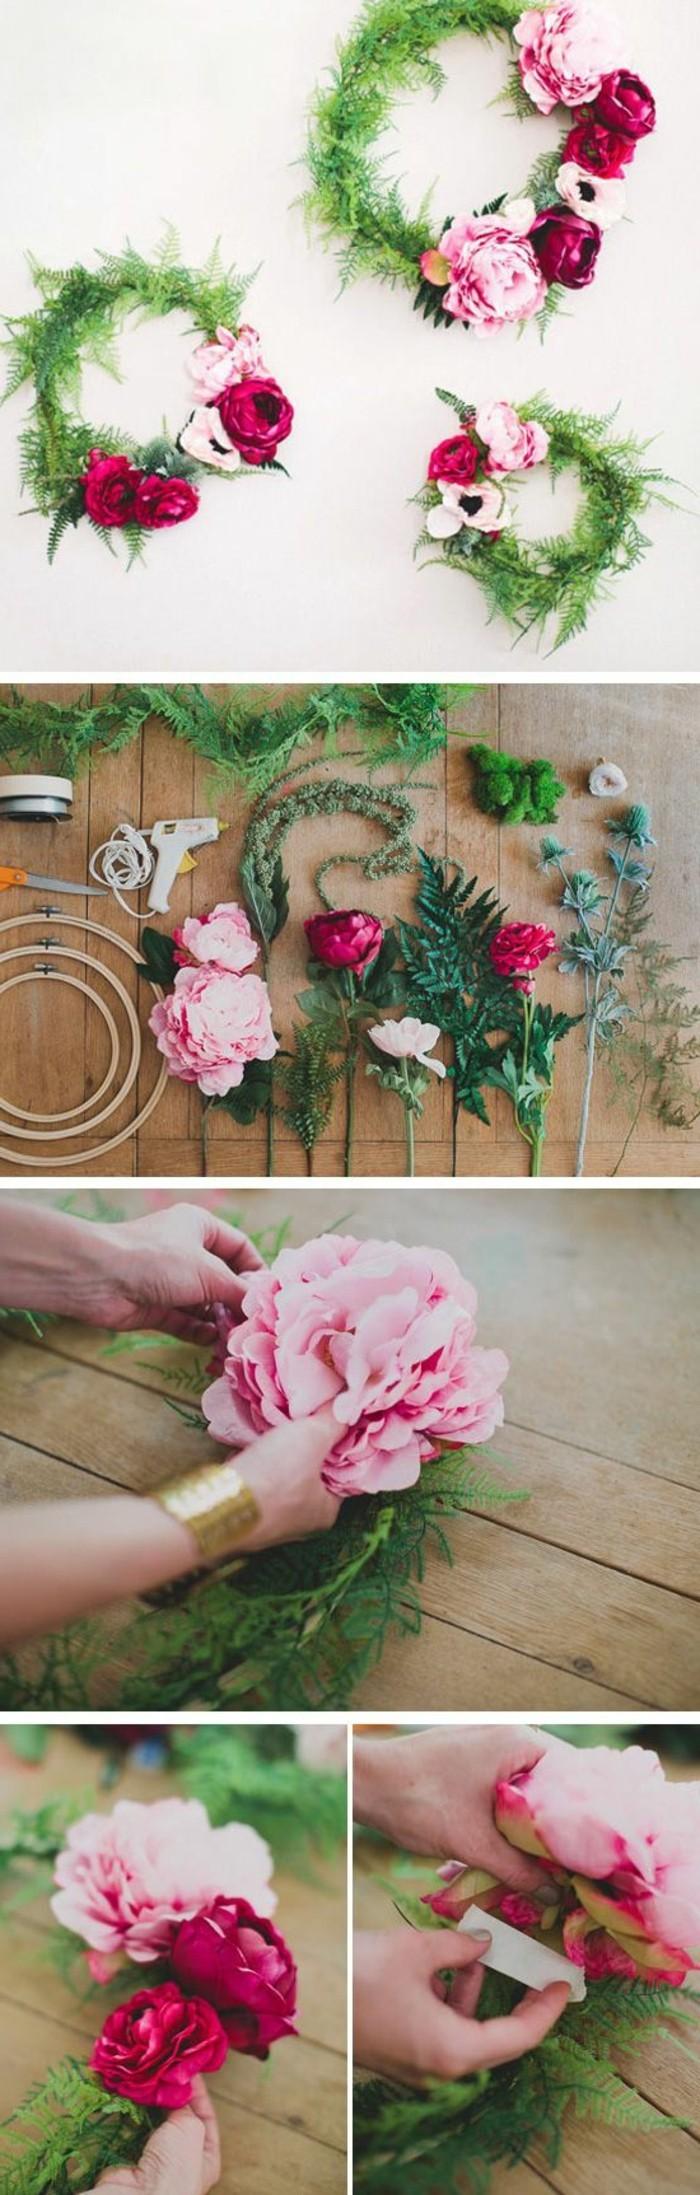 00-diy-couronne-de-fleurs-colores-mariage-decoration-avec-fleurs-pour-un-mariage